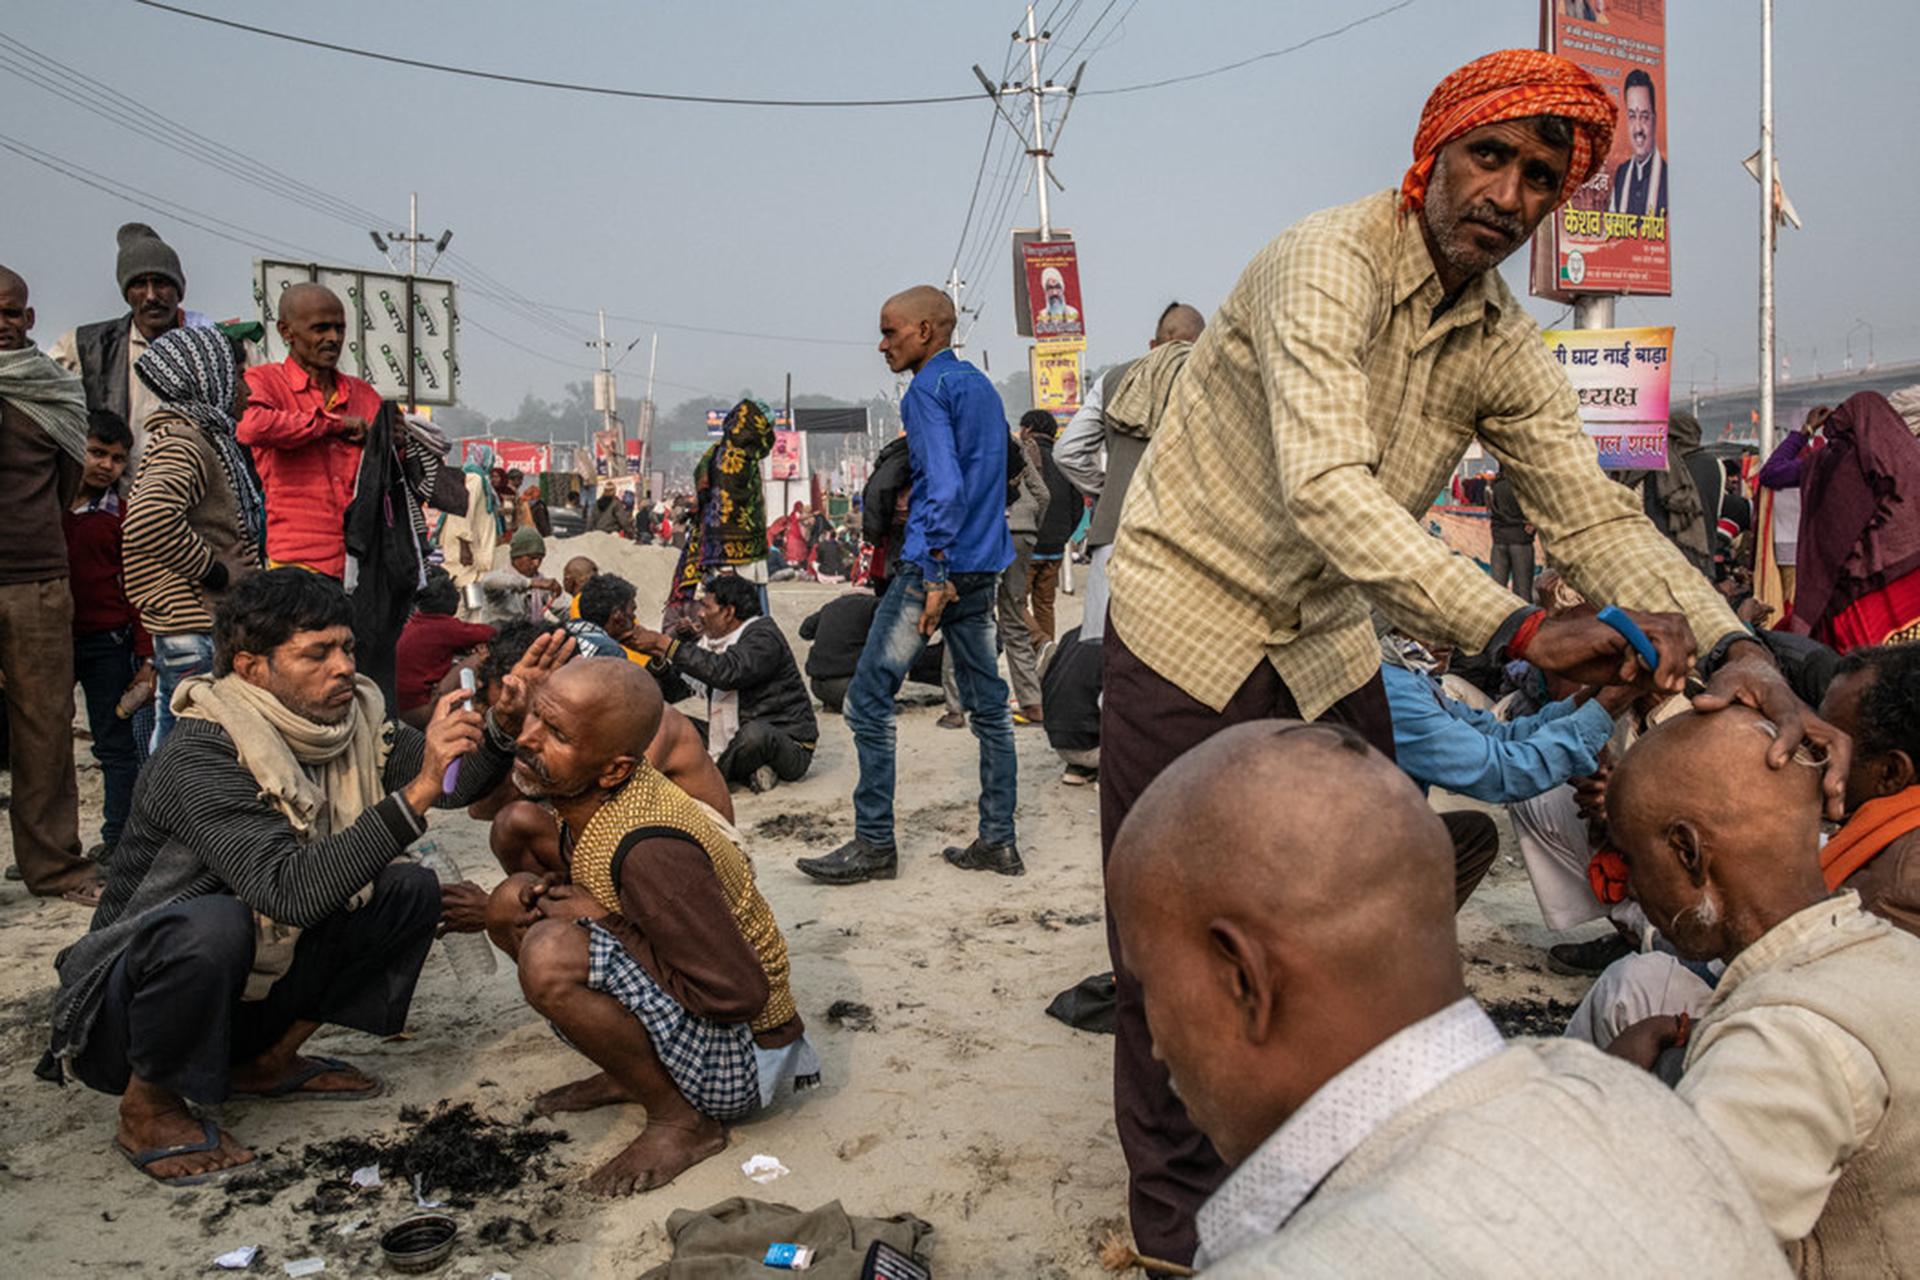 Muchos peregrinos se afeitan la cabeza después del baño ritual.(The New York Times)